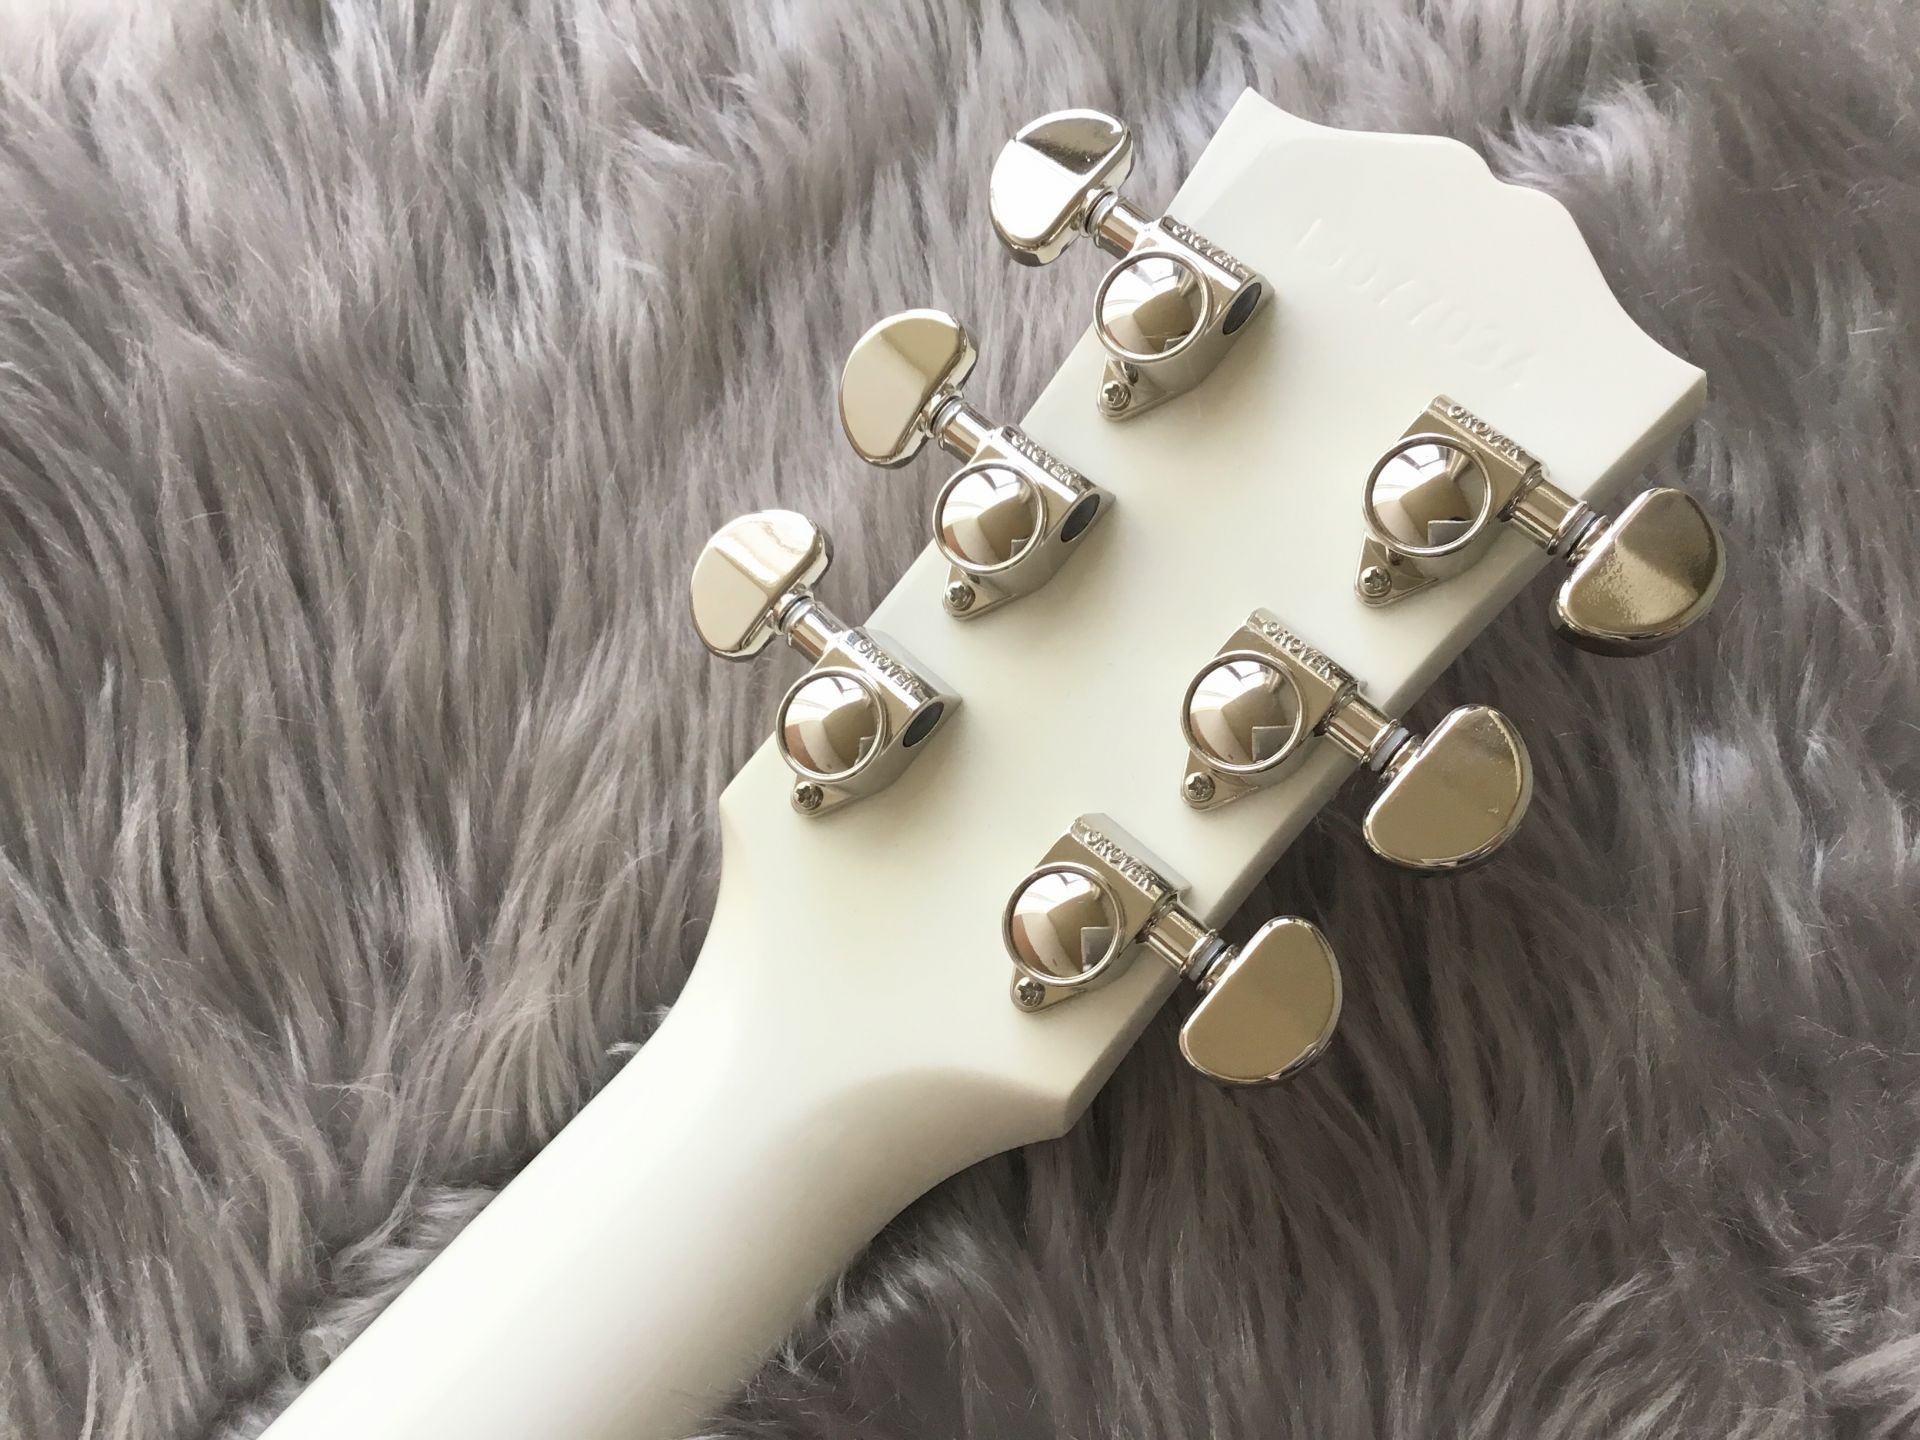 Humminbird Whiteのヘッド裏-アップ画像